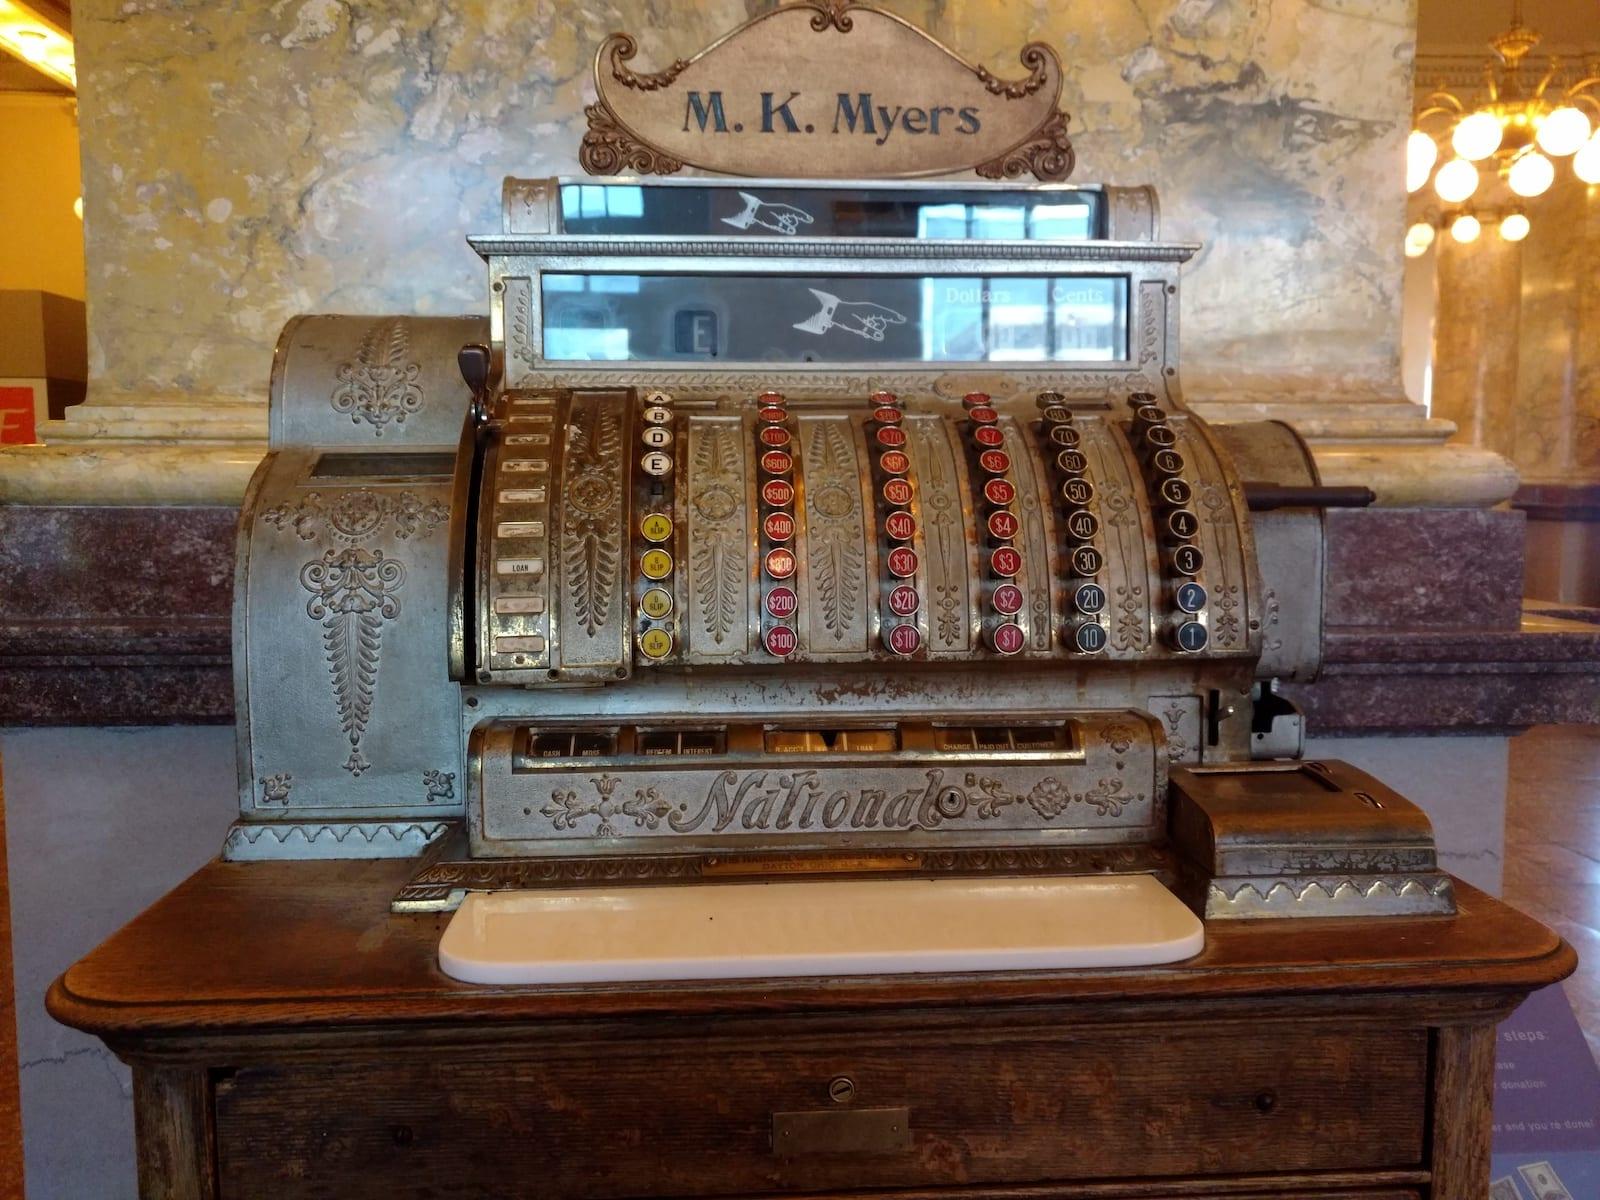 Colorado Springs Pioneers Museum Old Cash Register